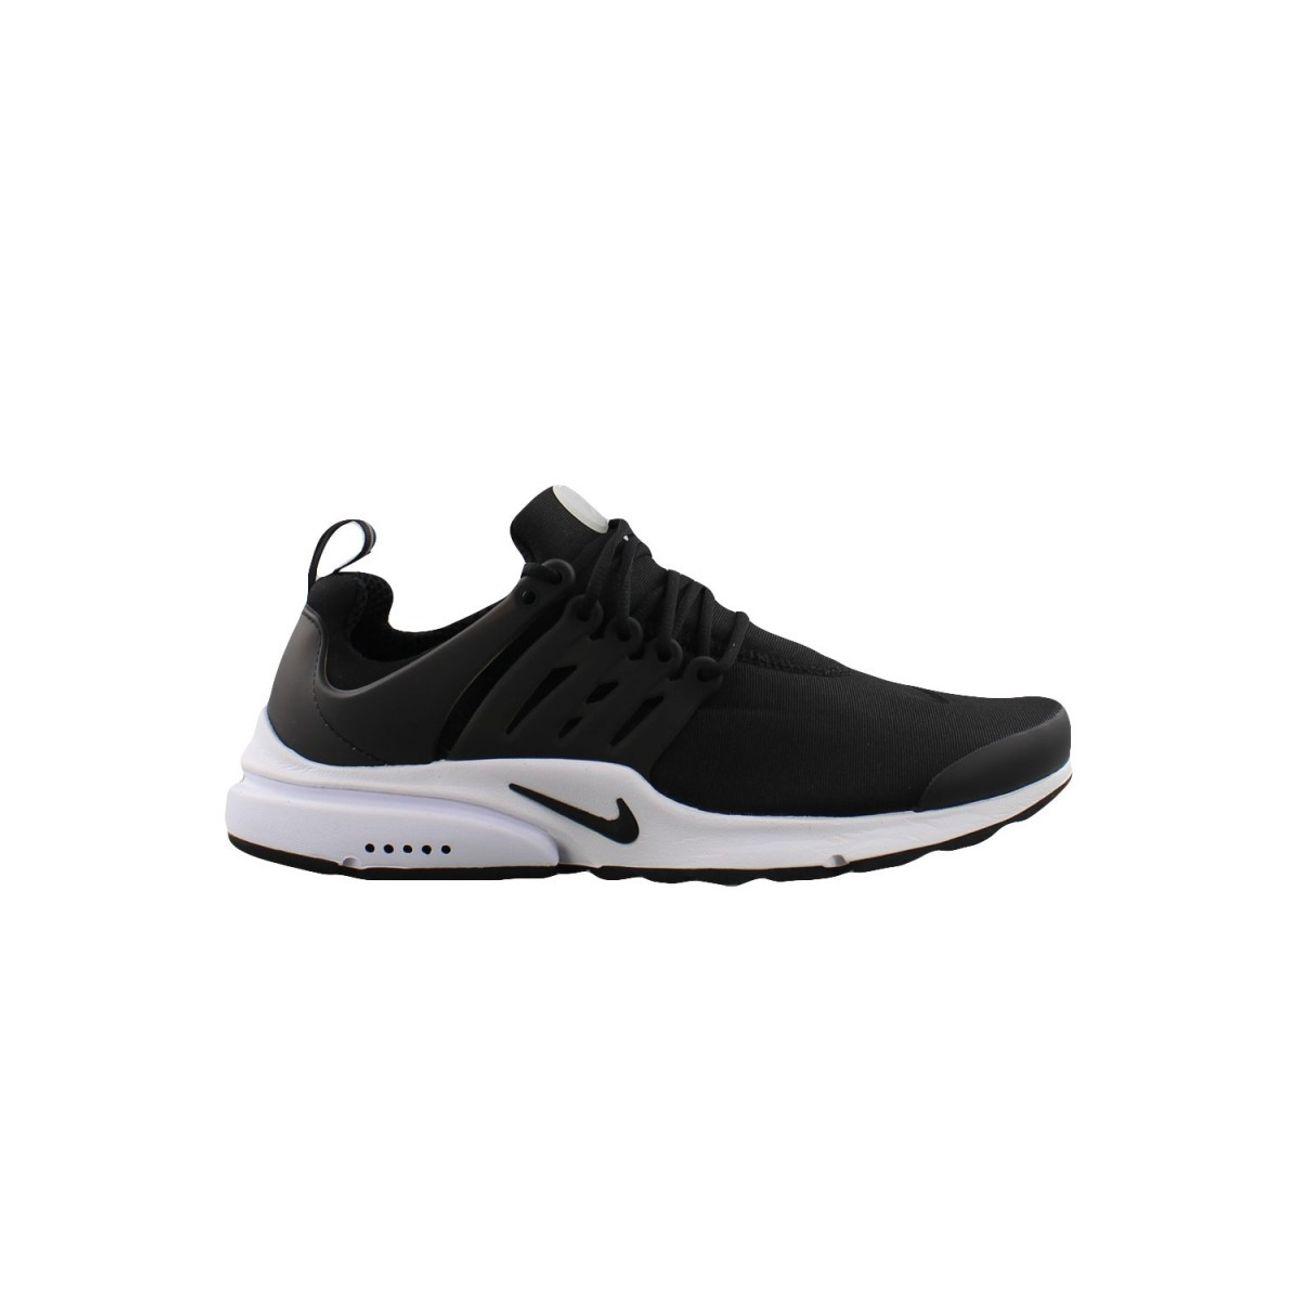 Baskets Presto Nike ModeLifestyle Air Homme Essential848187009 Y6yIg7vbf